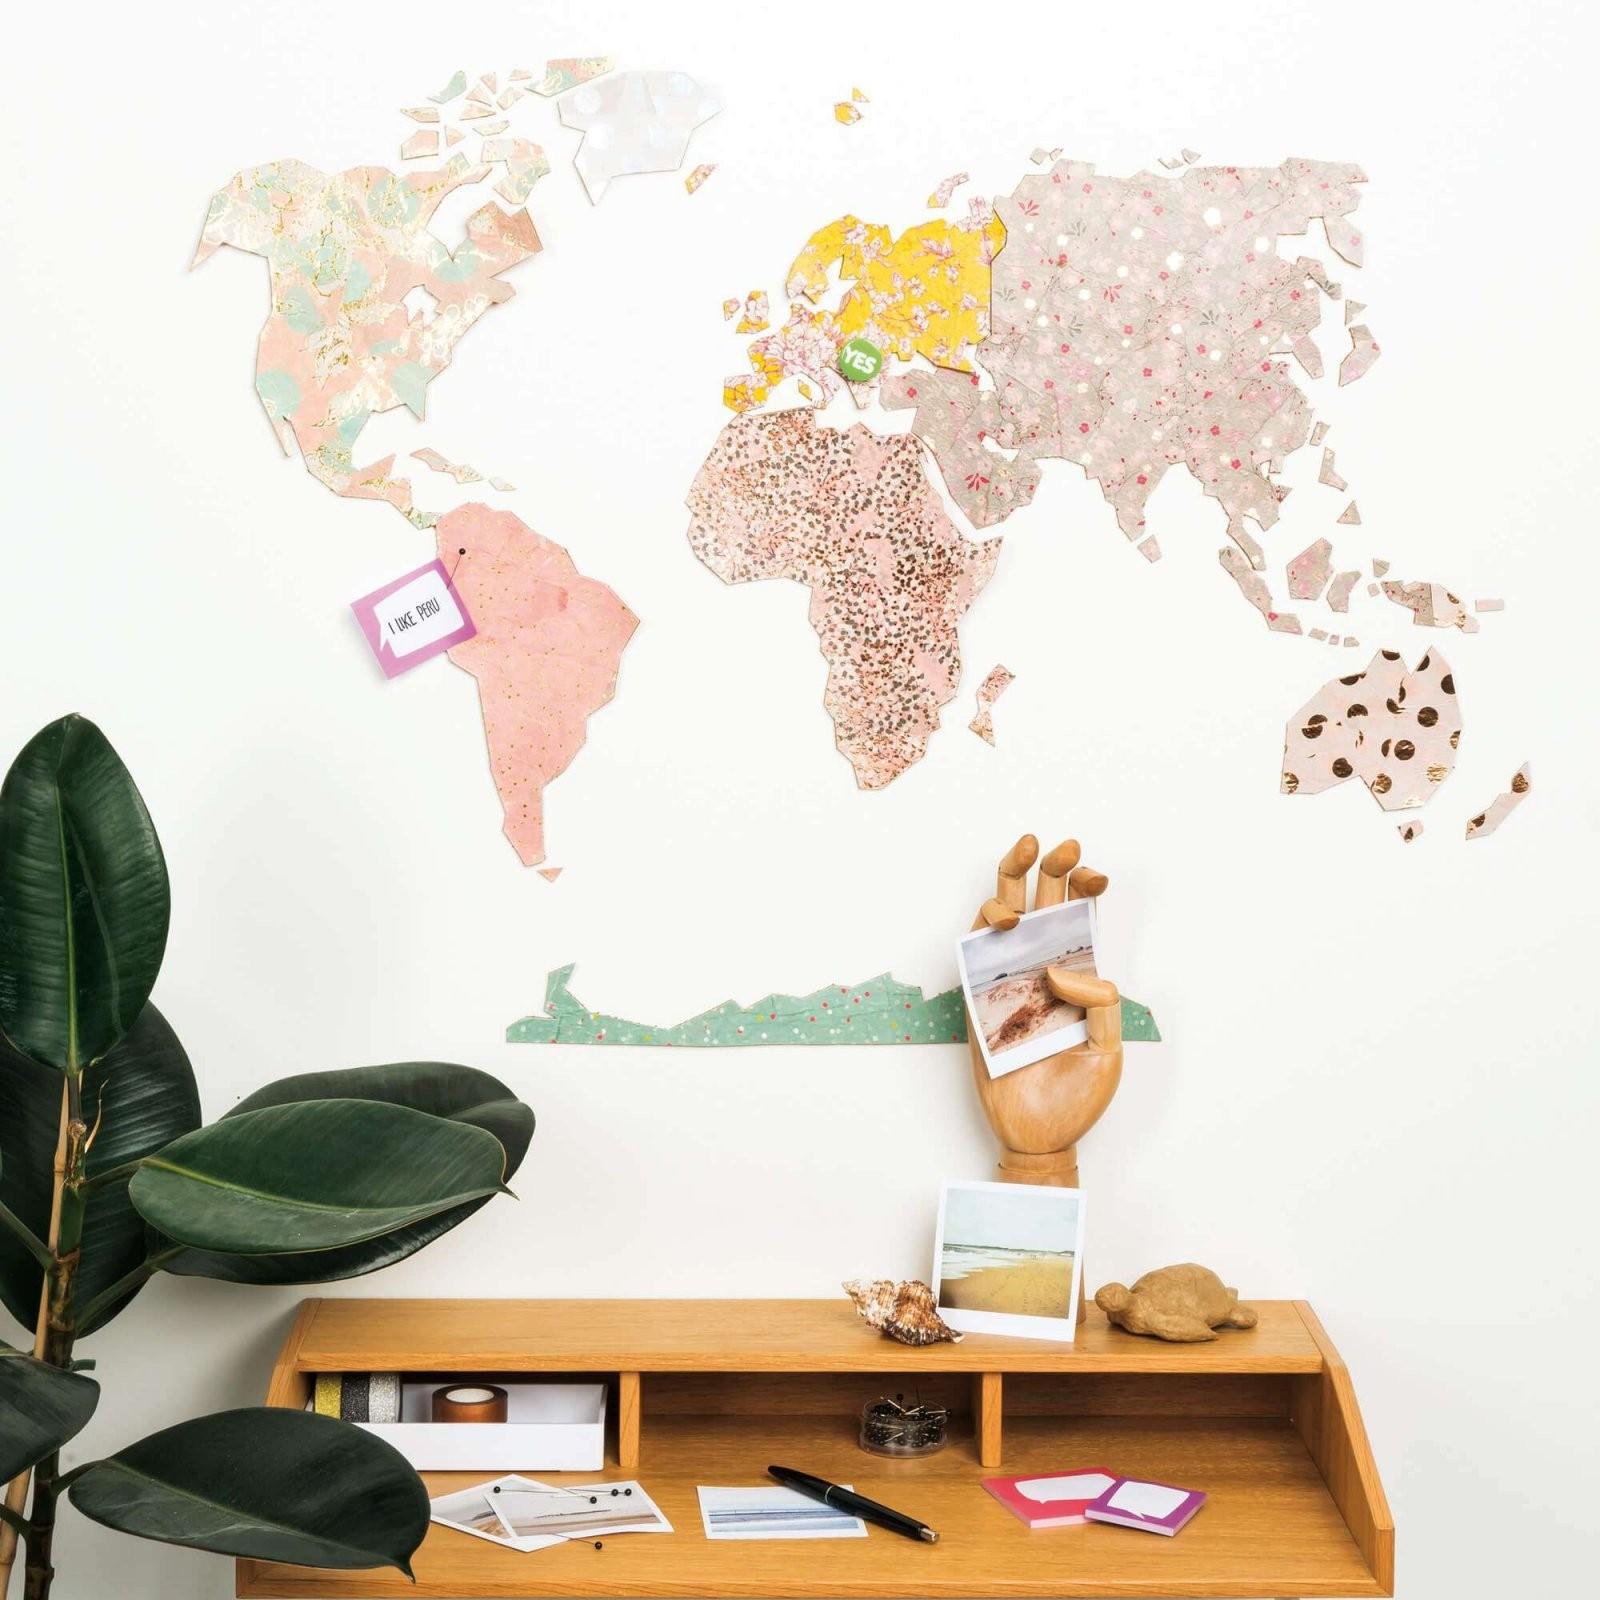 Korkpinnwand Weltkarte  Gratis Anleitung Zum Selber Machen von Weltkarte Pinnwand Selber Machen Bild